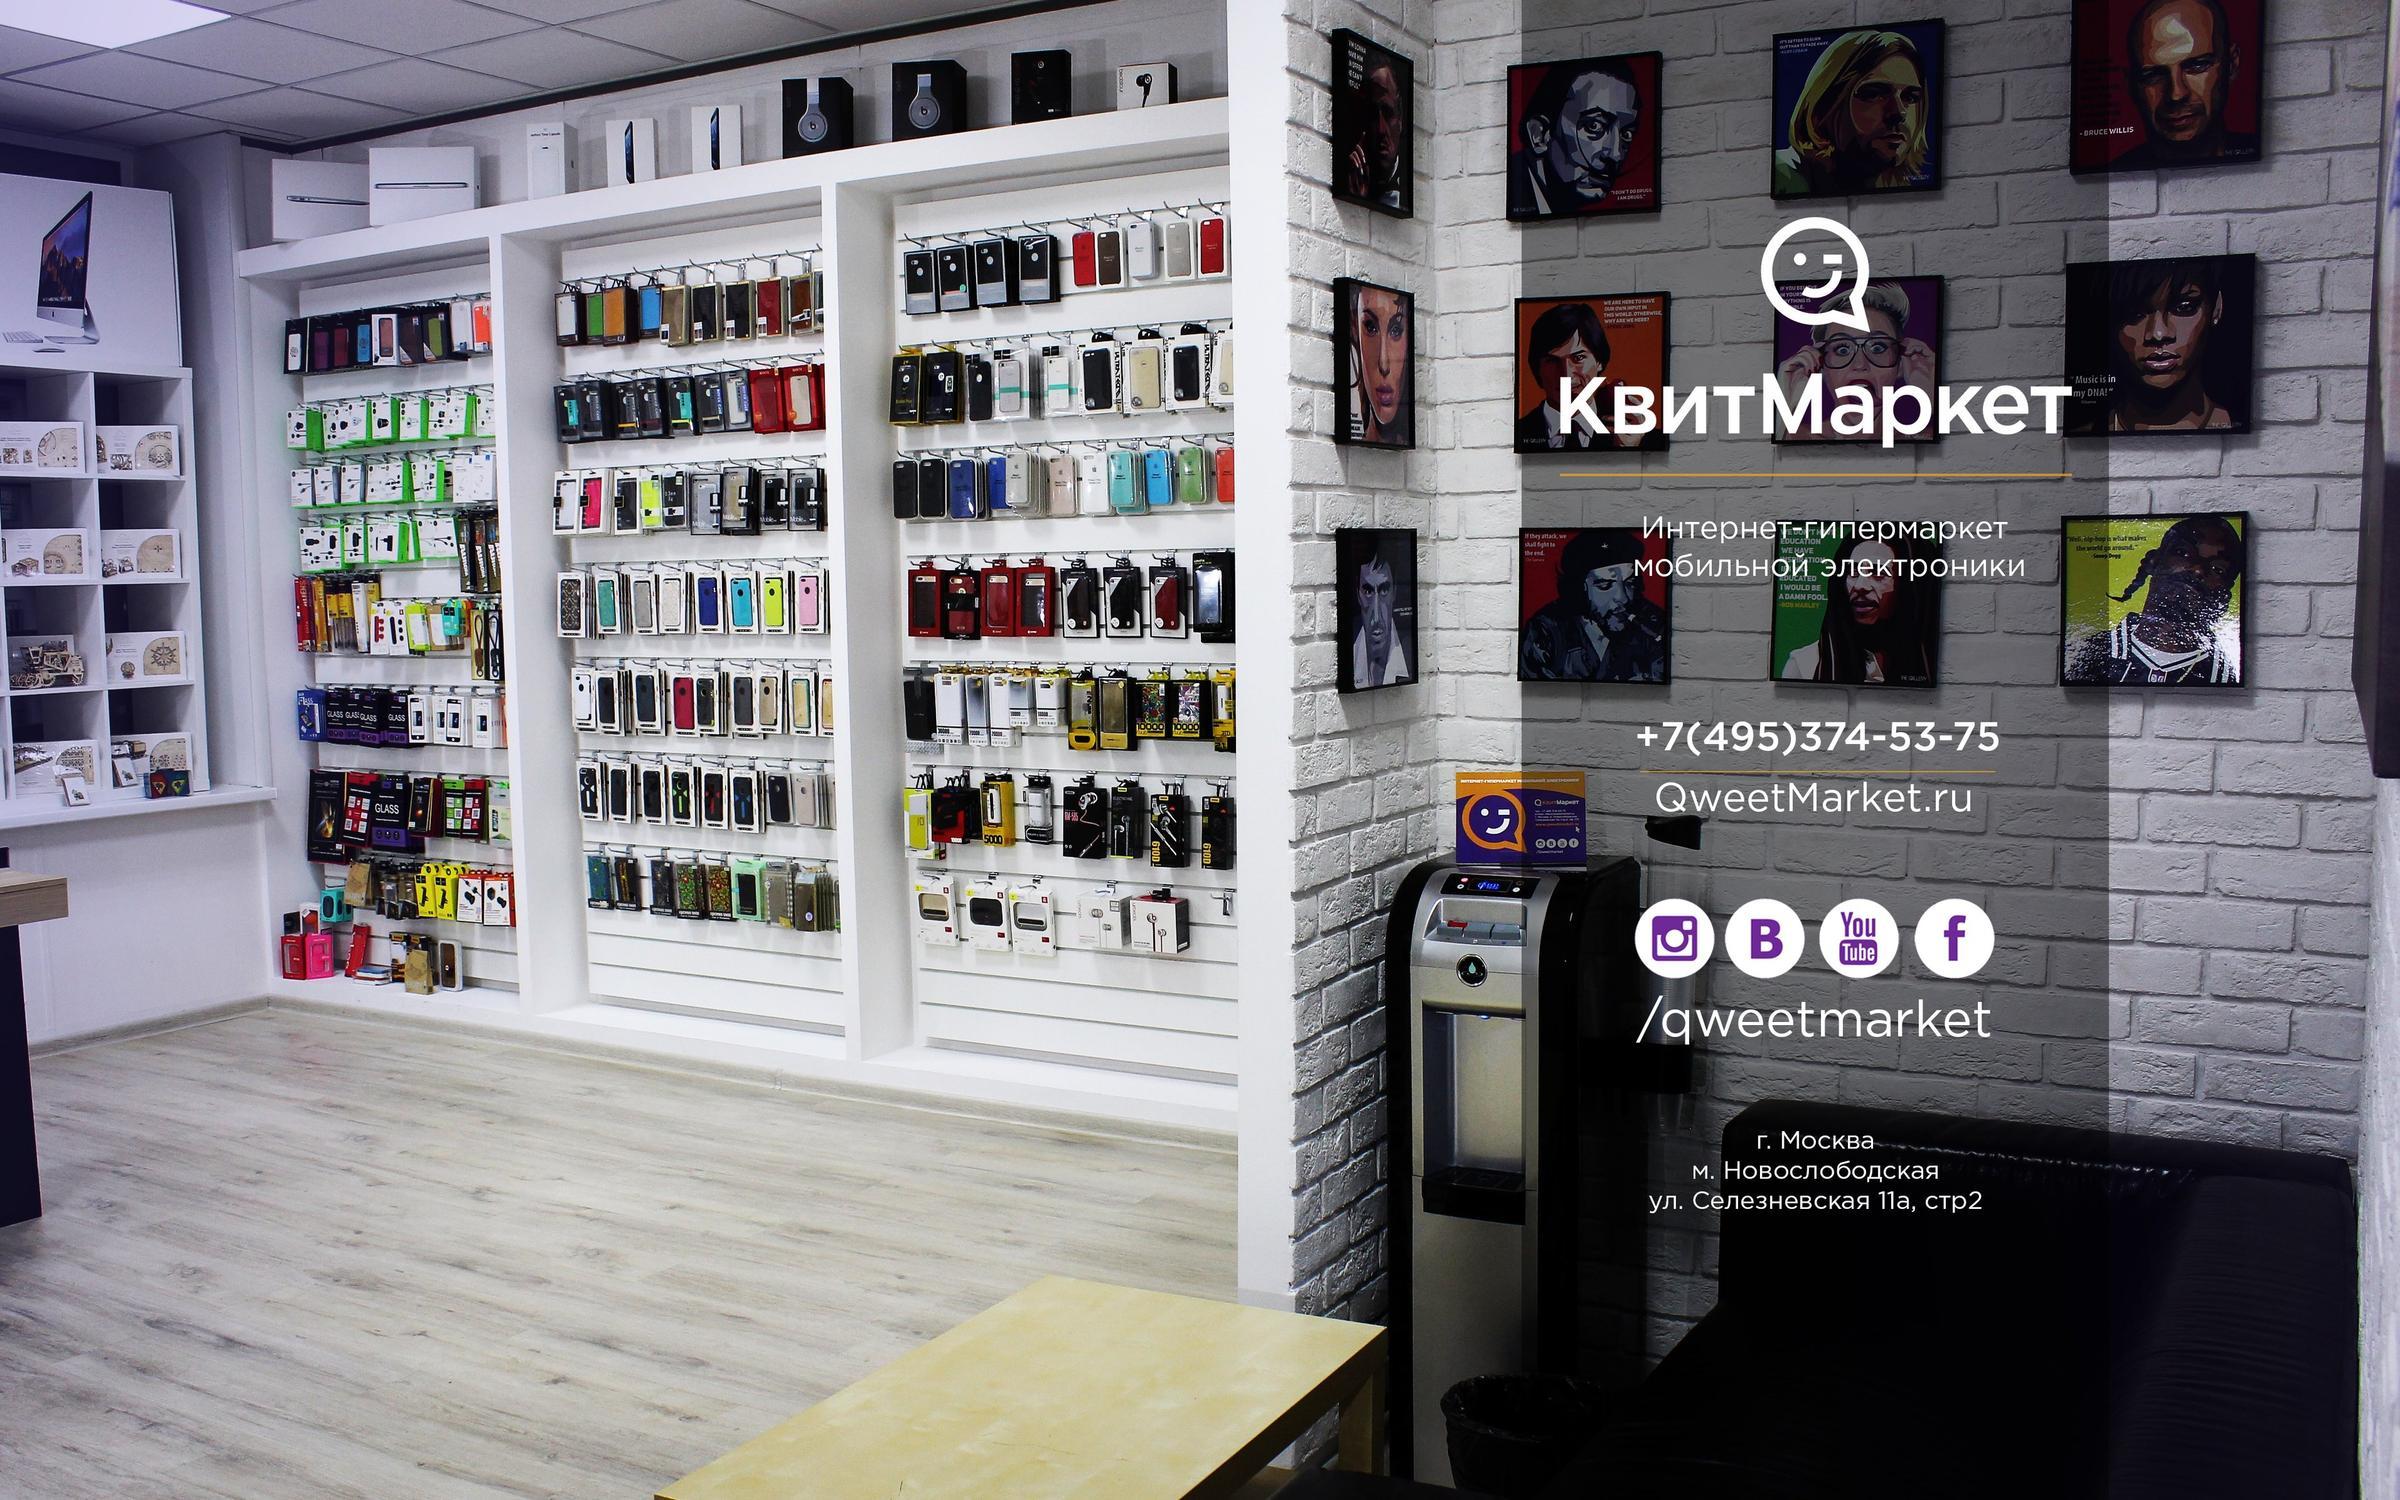 фотография Интернет-магазина КвитМаркет на Селезнёвской улице